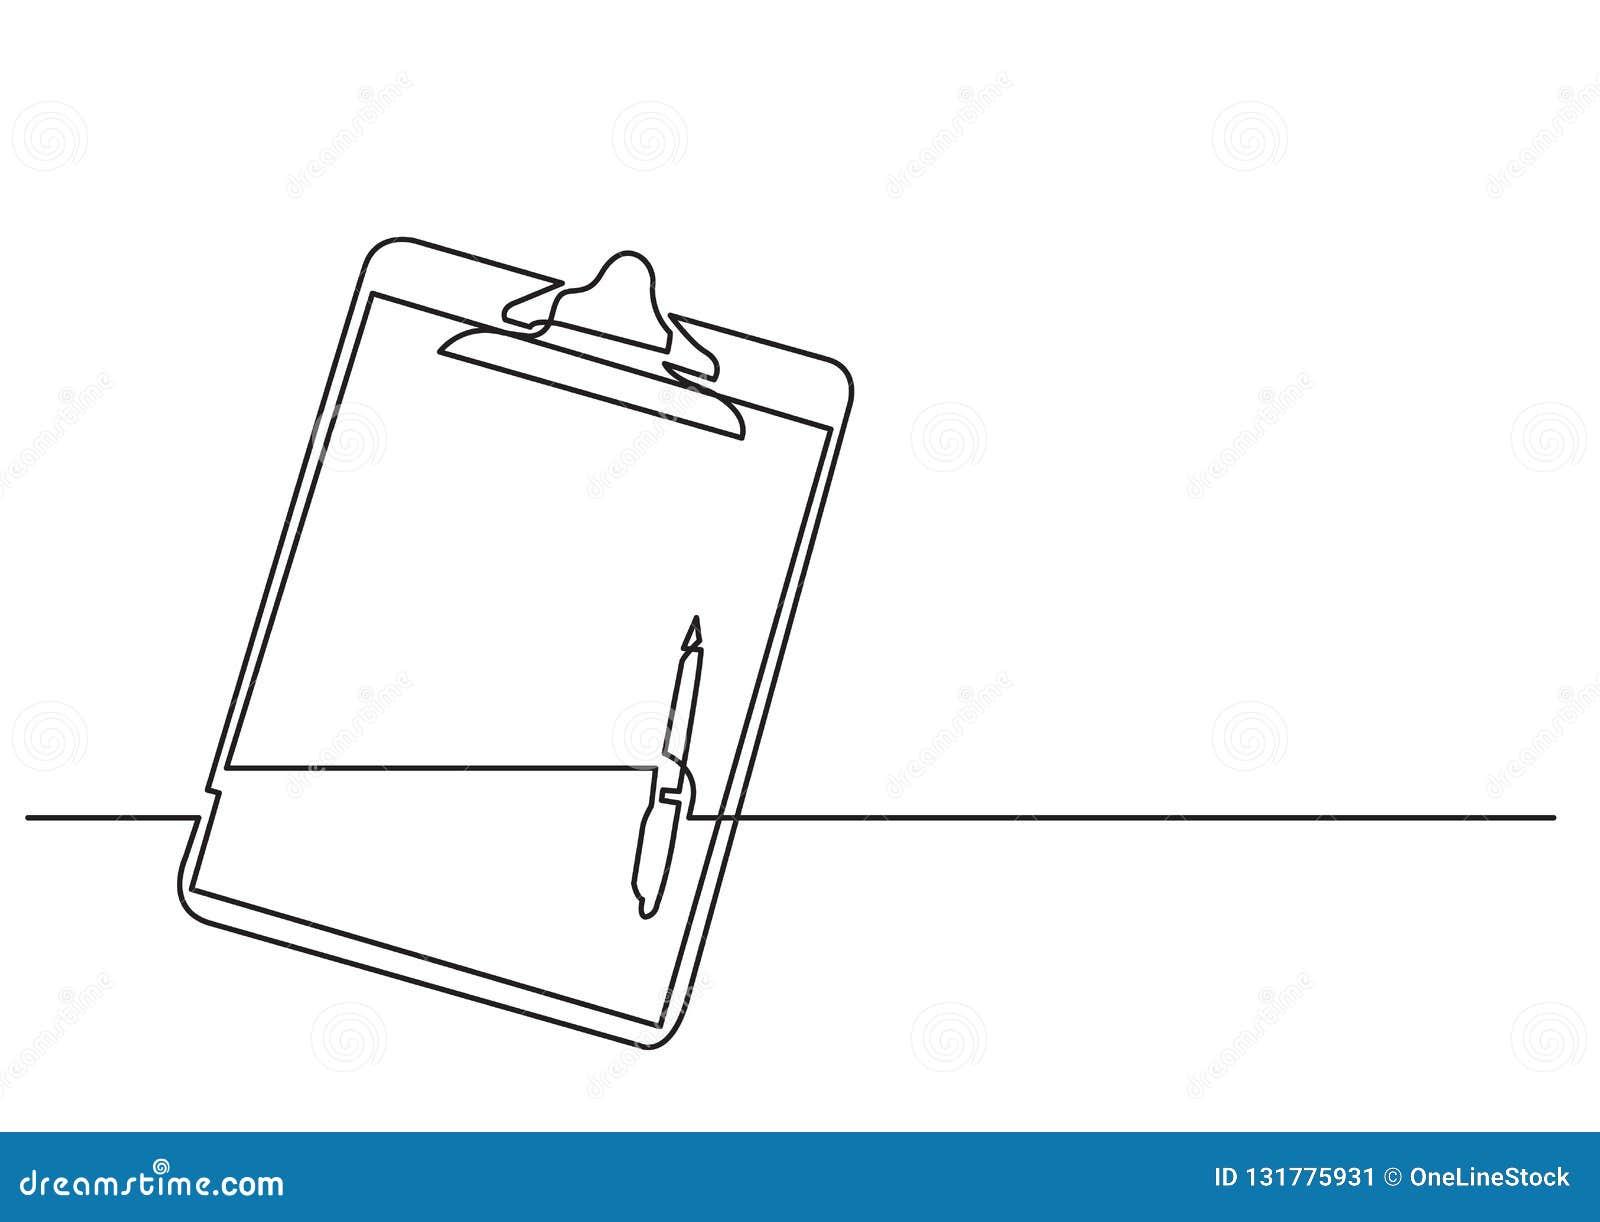 Un dibujo lineal del objeto aislado del vector - tablero con la pluma